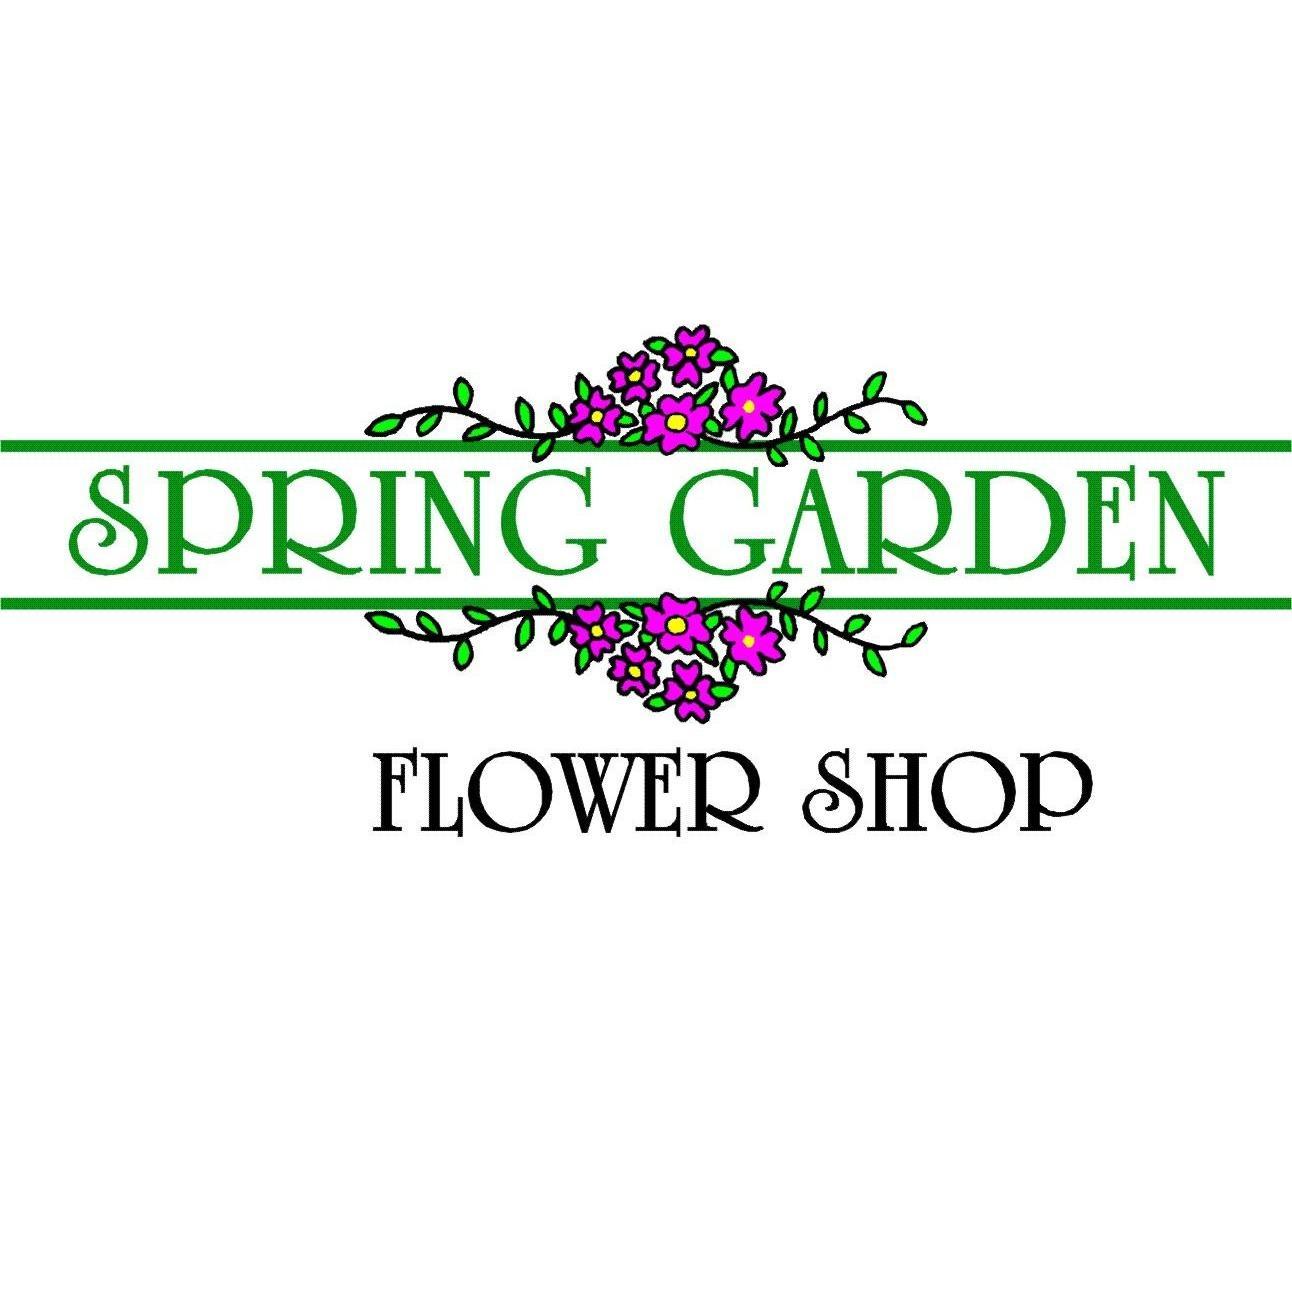 Spring Garden Flower Shop